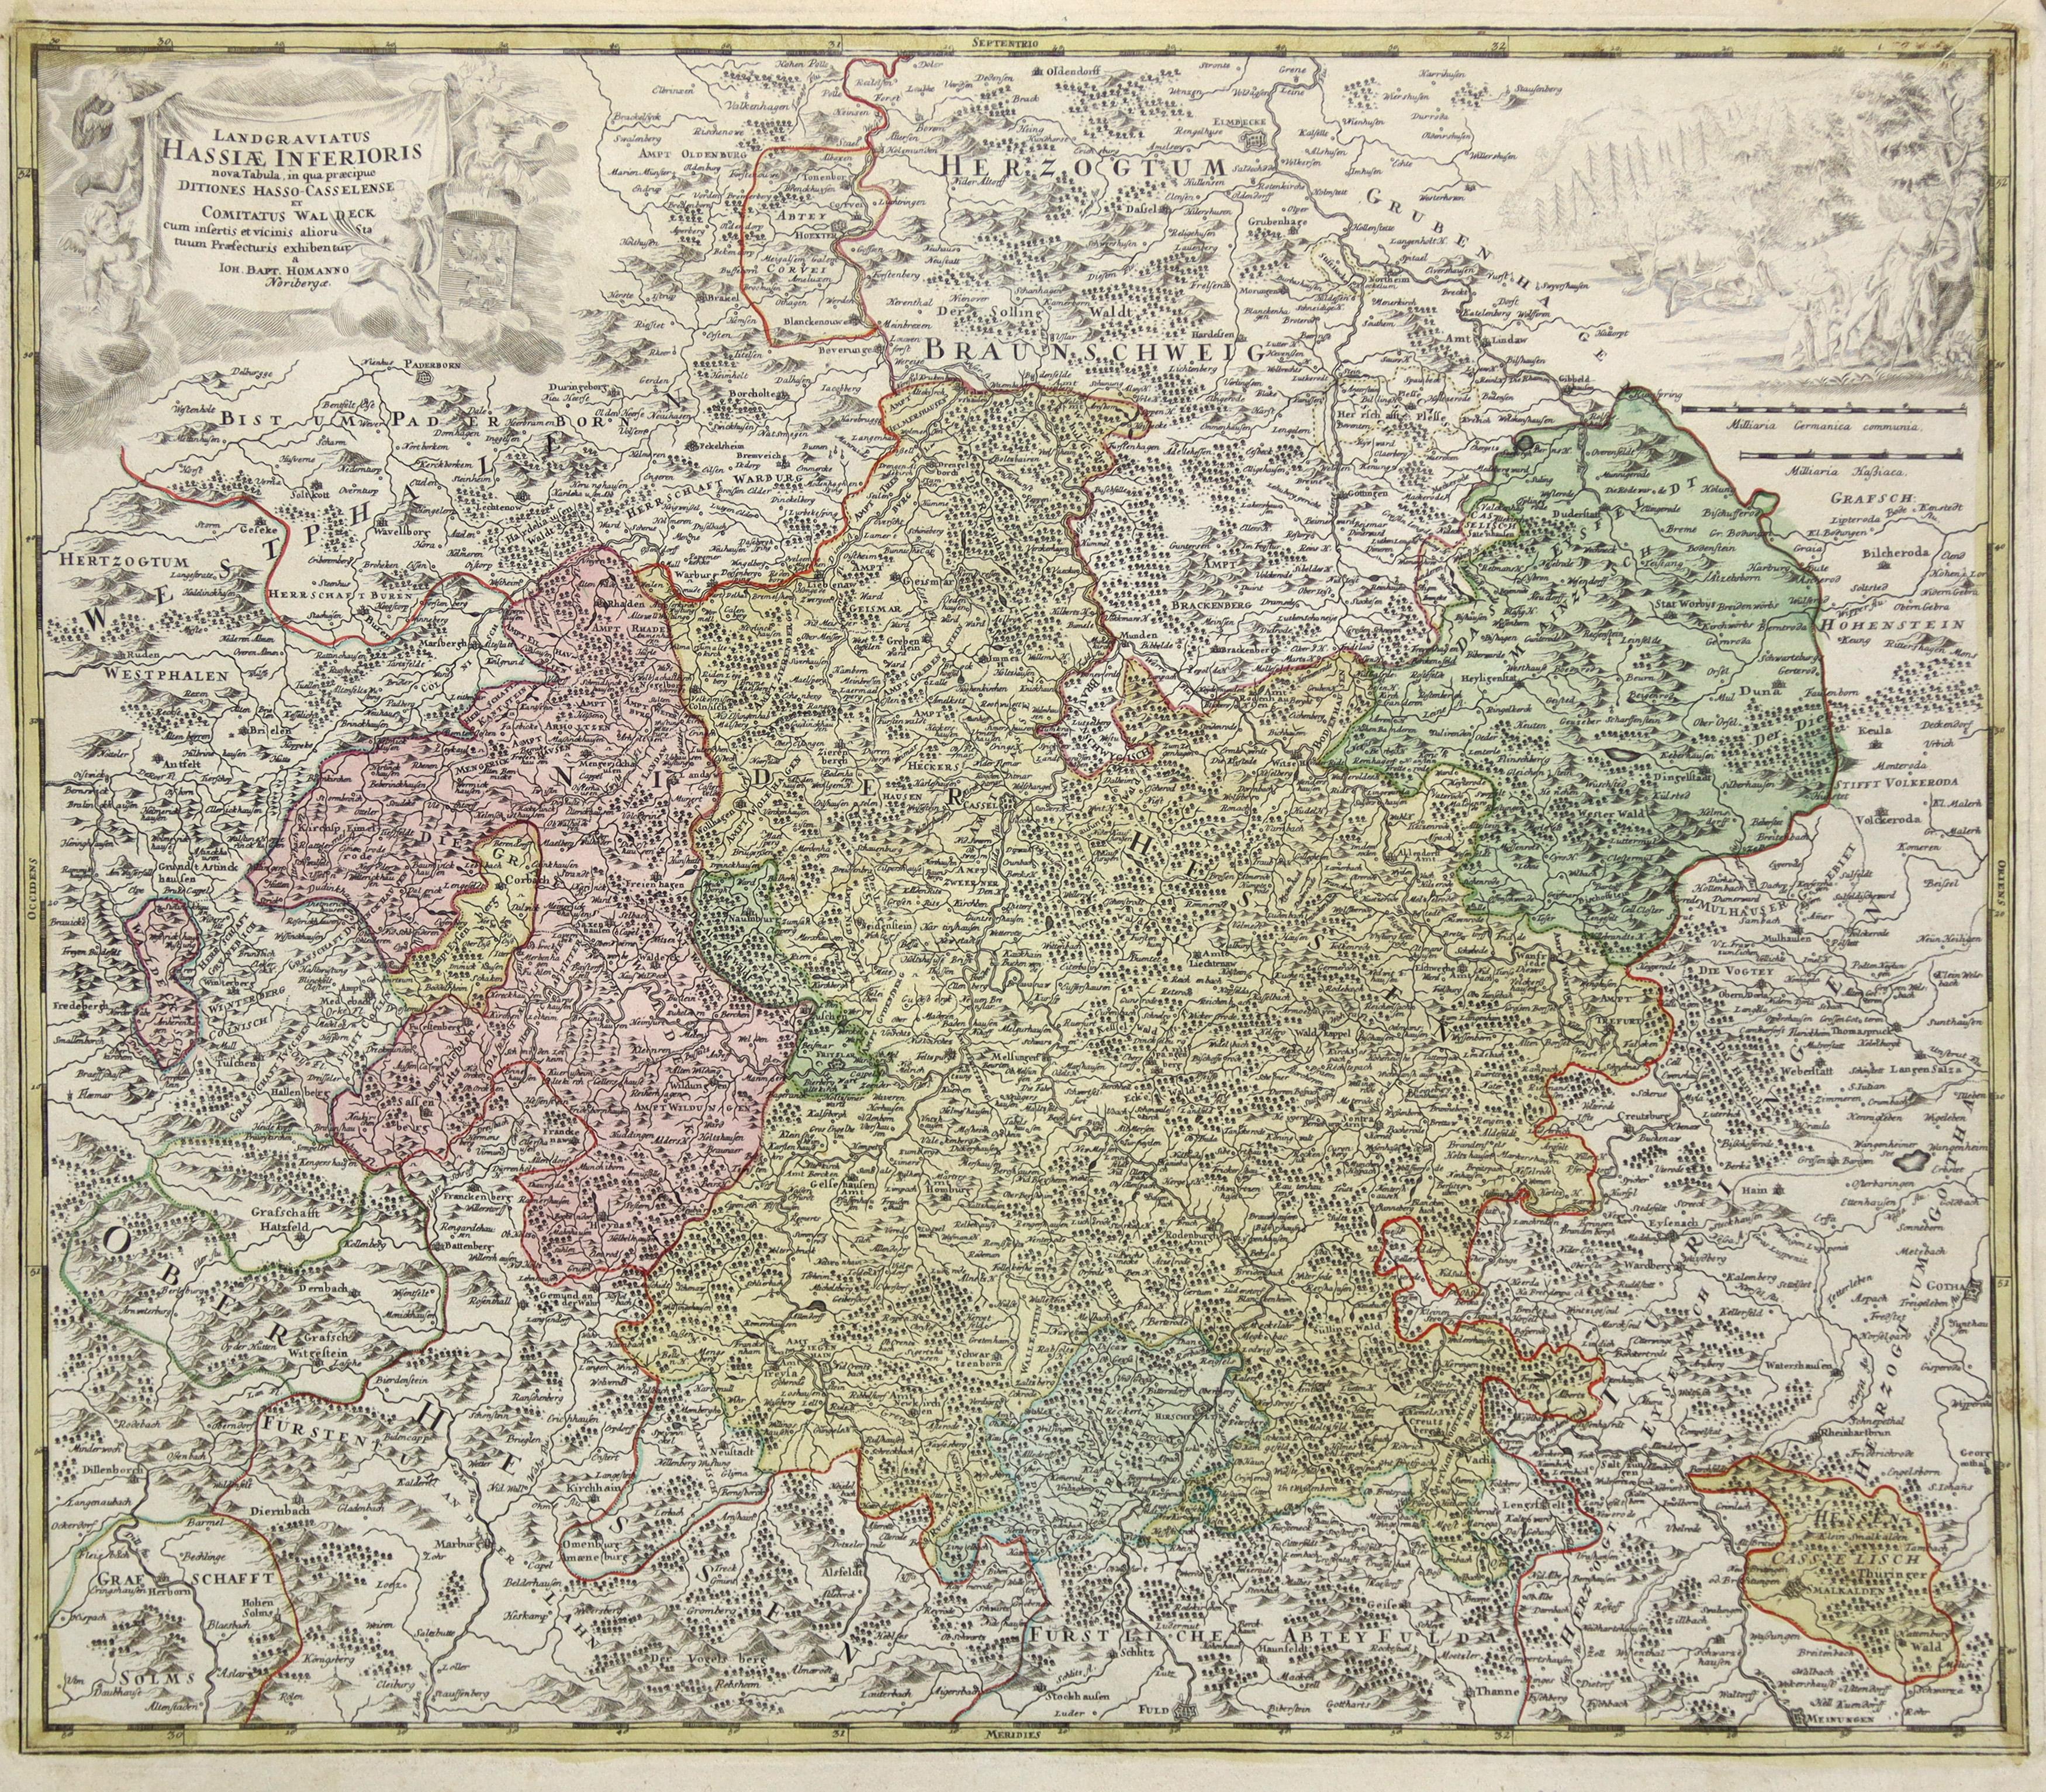 """Kst.- Karte, b. J. B. Homann, """"Landgraviatus: Nordhessen - Waldeck:"""